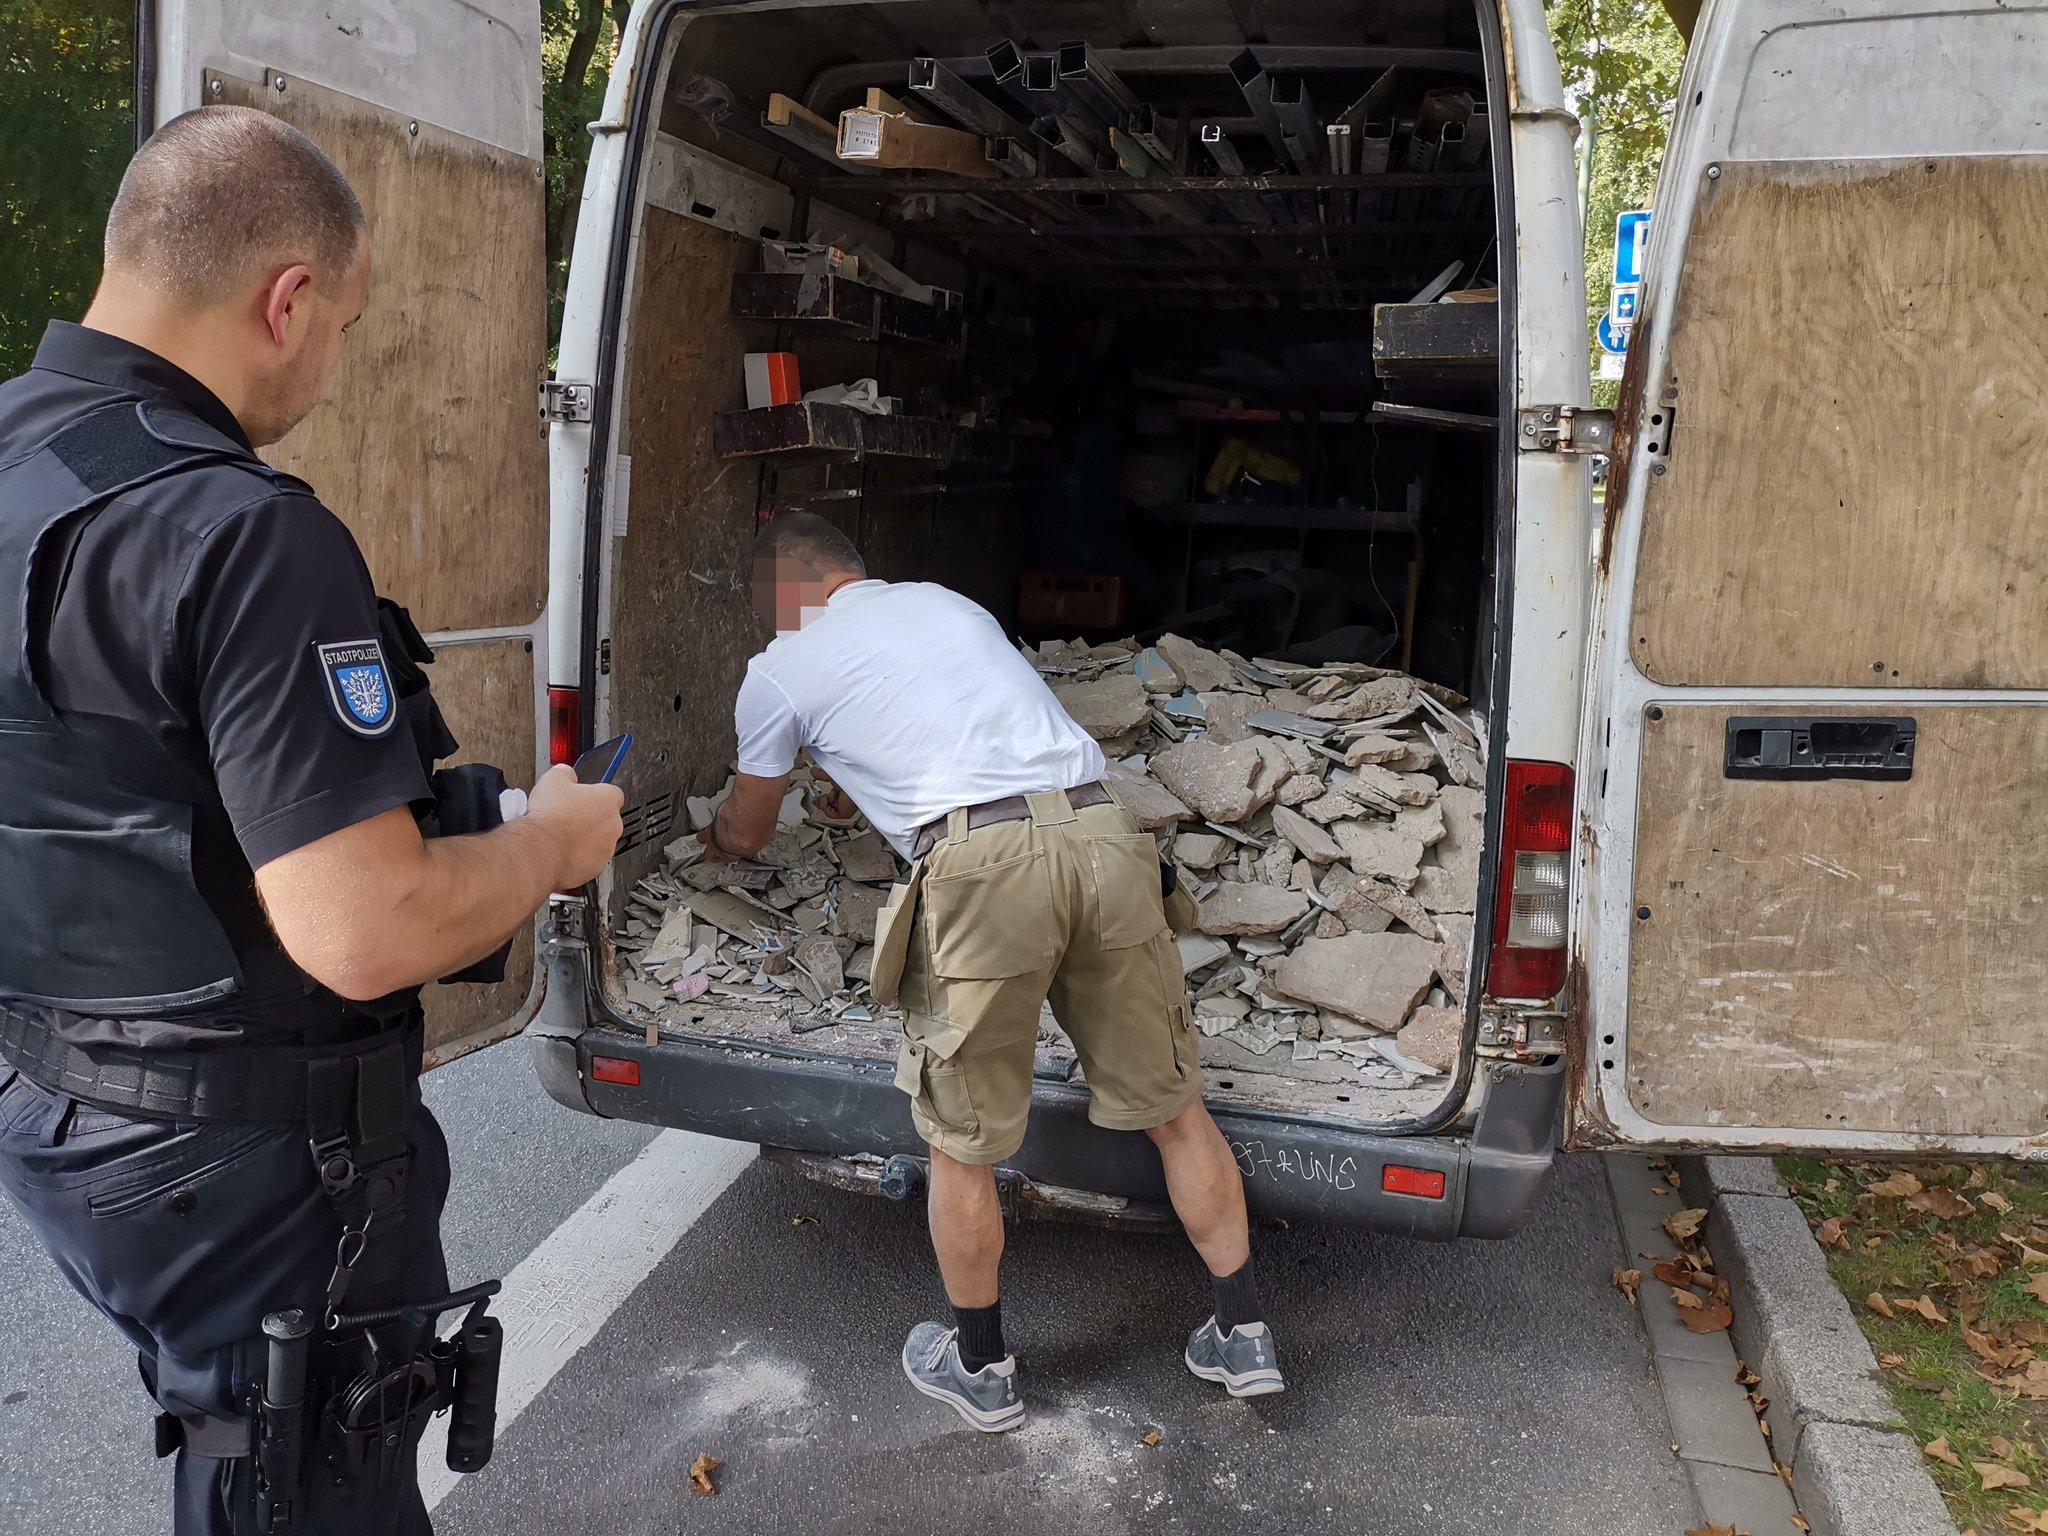 Auf Streife mit der Stadtpolizei Offenbach: Verkehrskontrolle bis Steuerfahndung